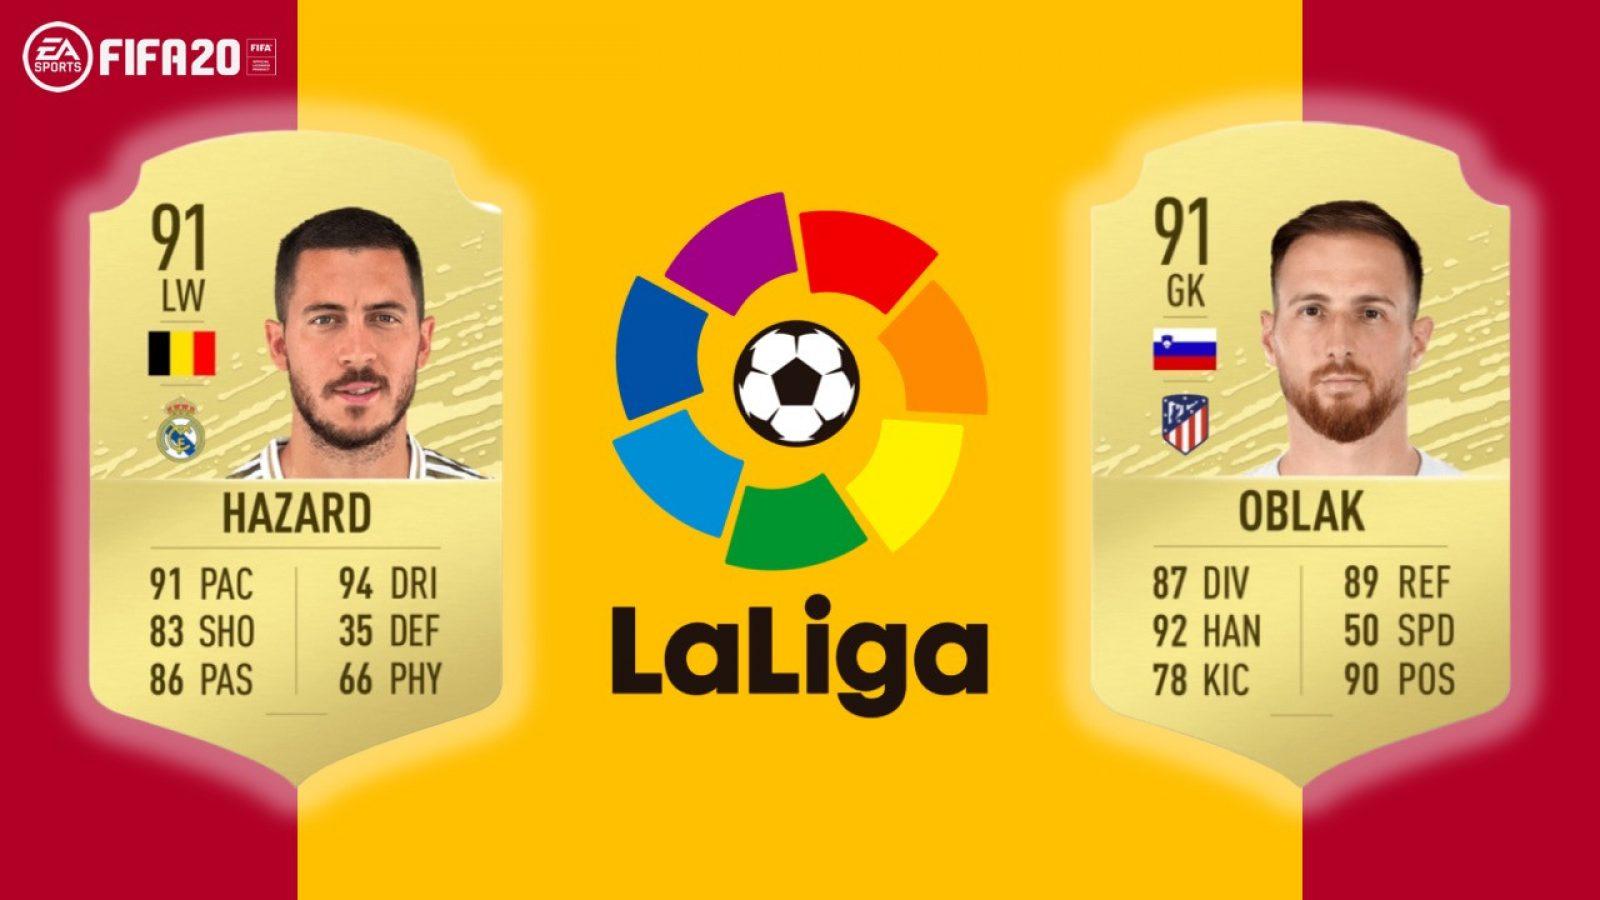 FIFA 20 La Liga показывает лучшие результаты игрока - Fortnite вентиляторы